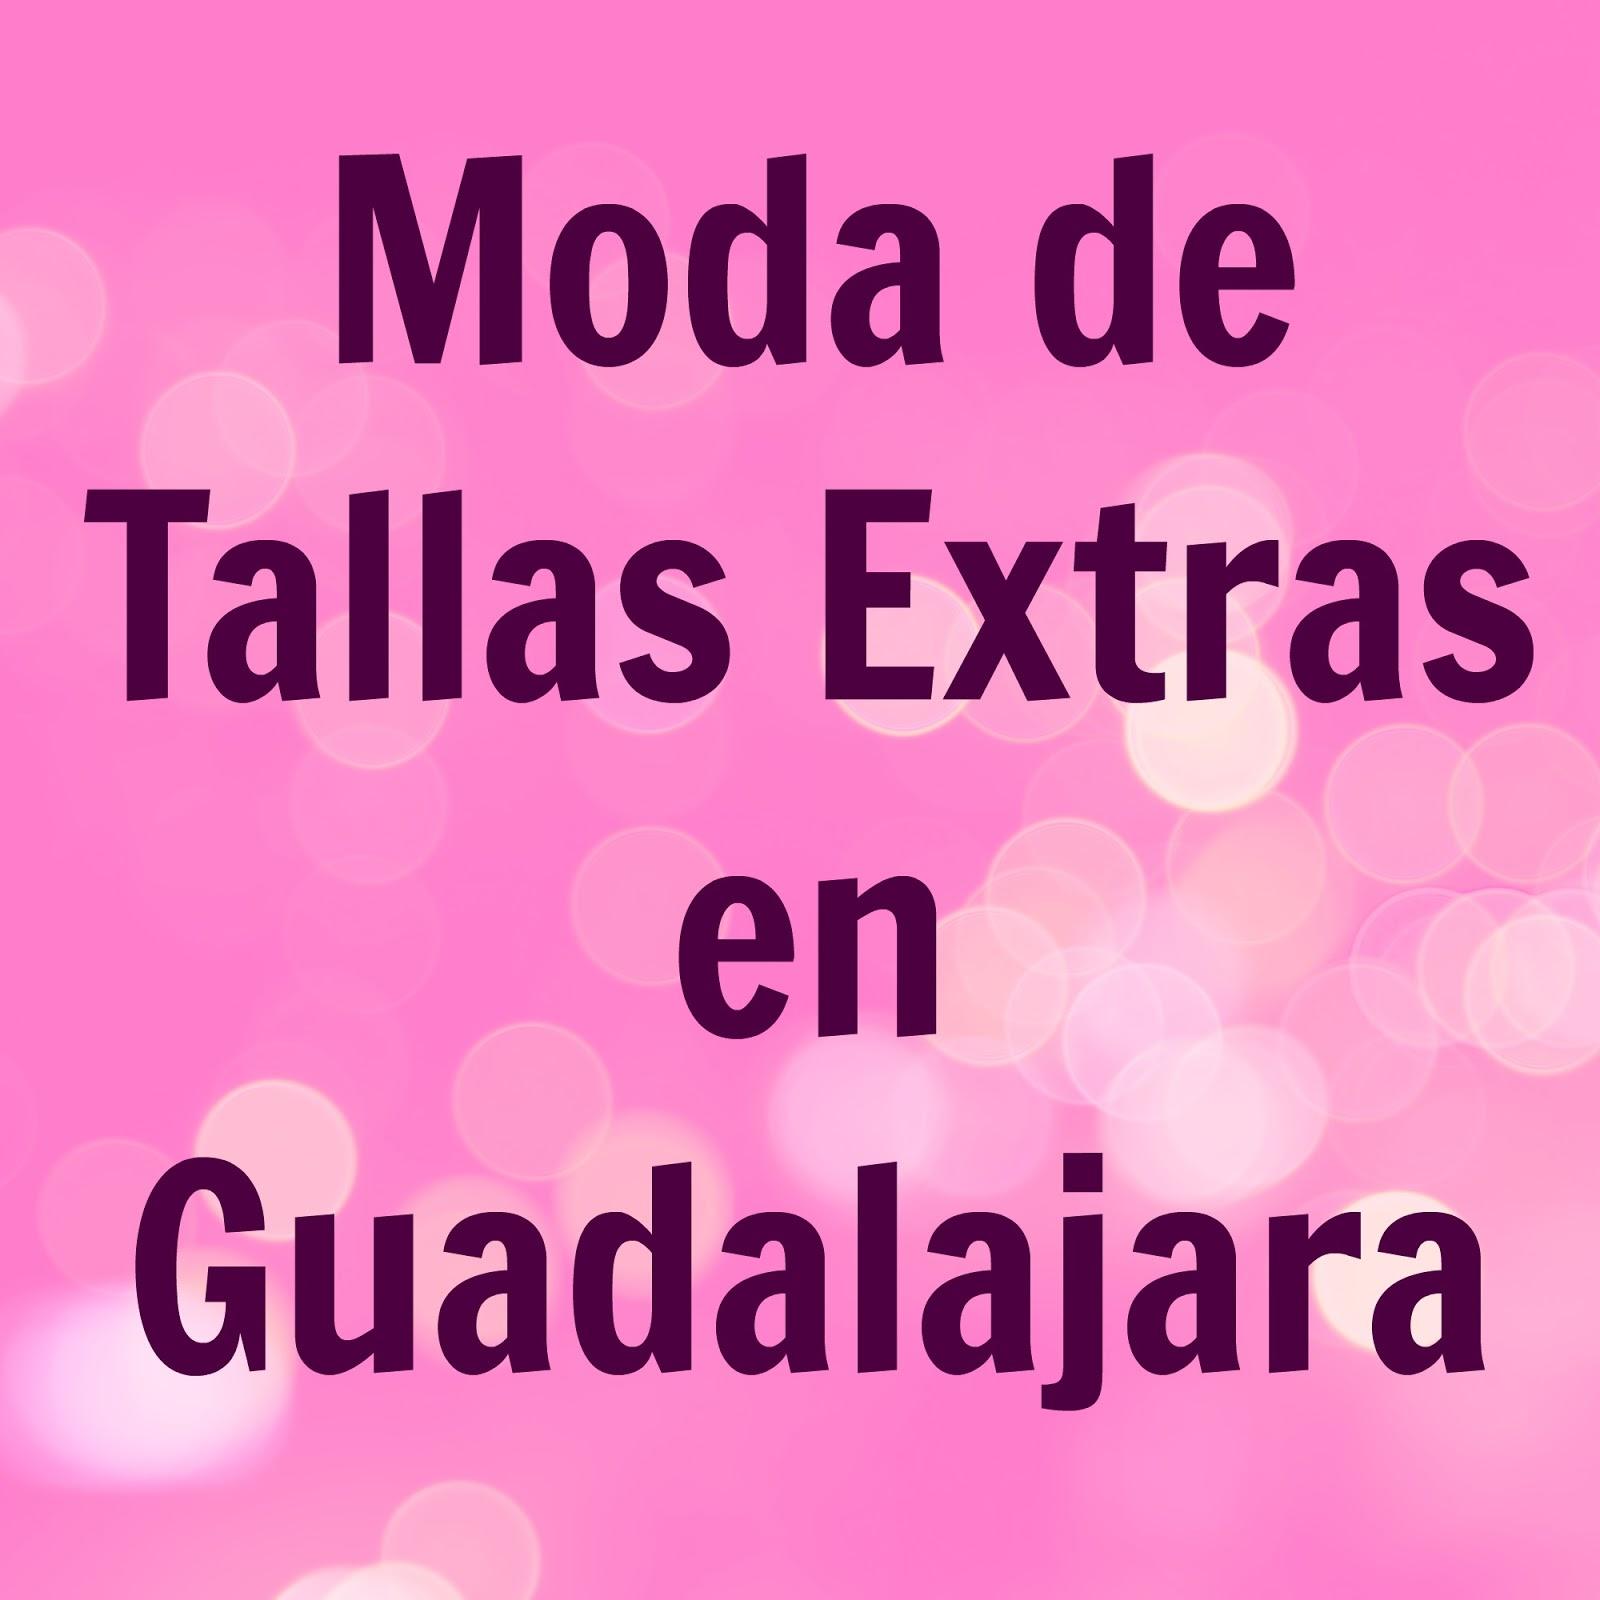 Curvy Moda: Moda de Tallas Extras en Guadalajara